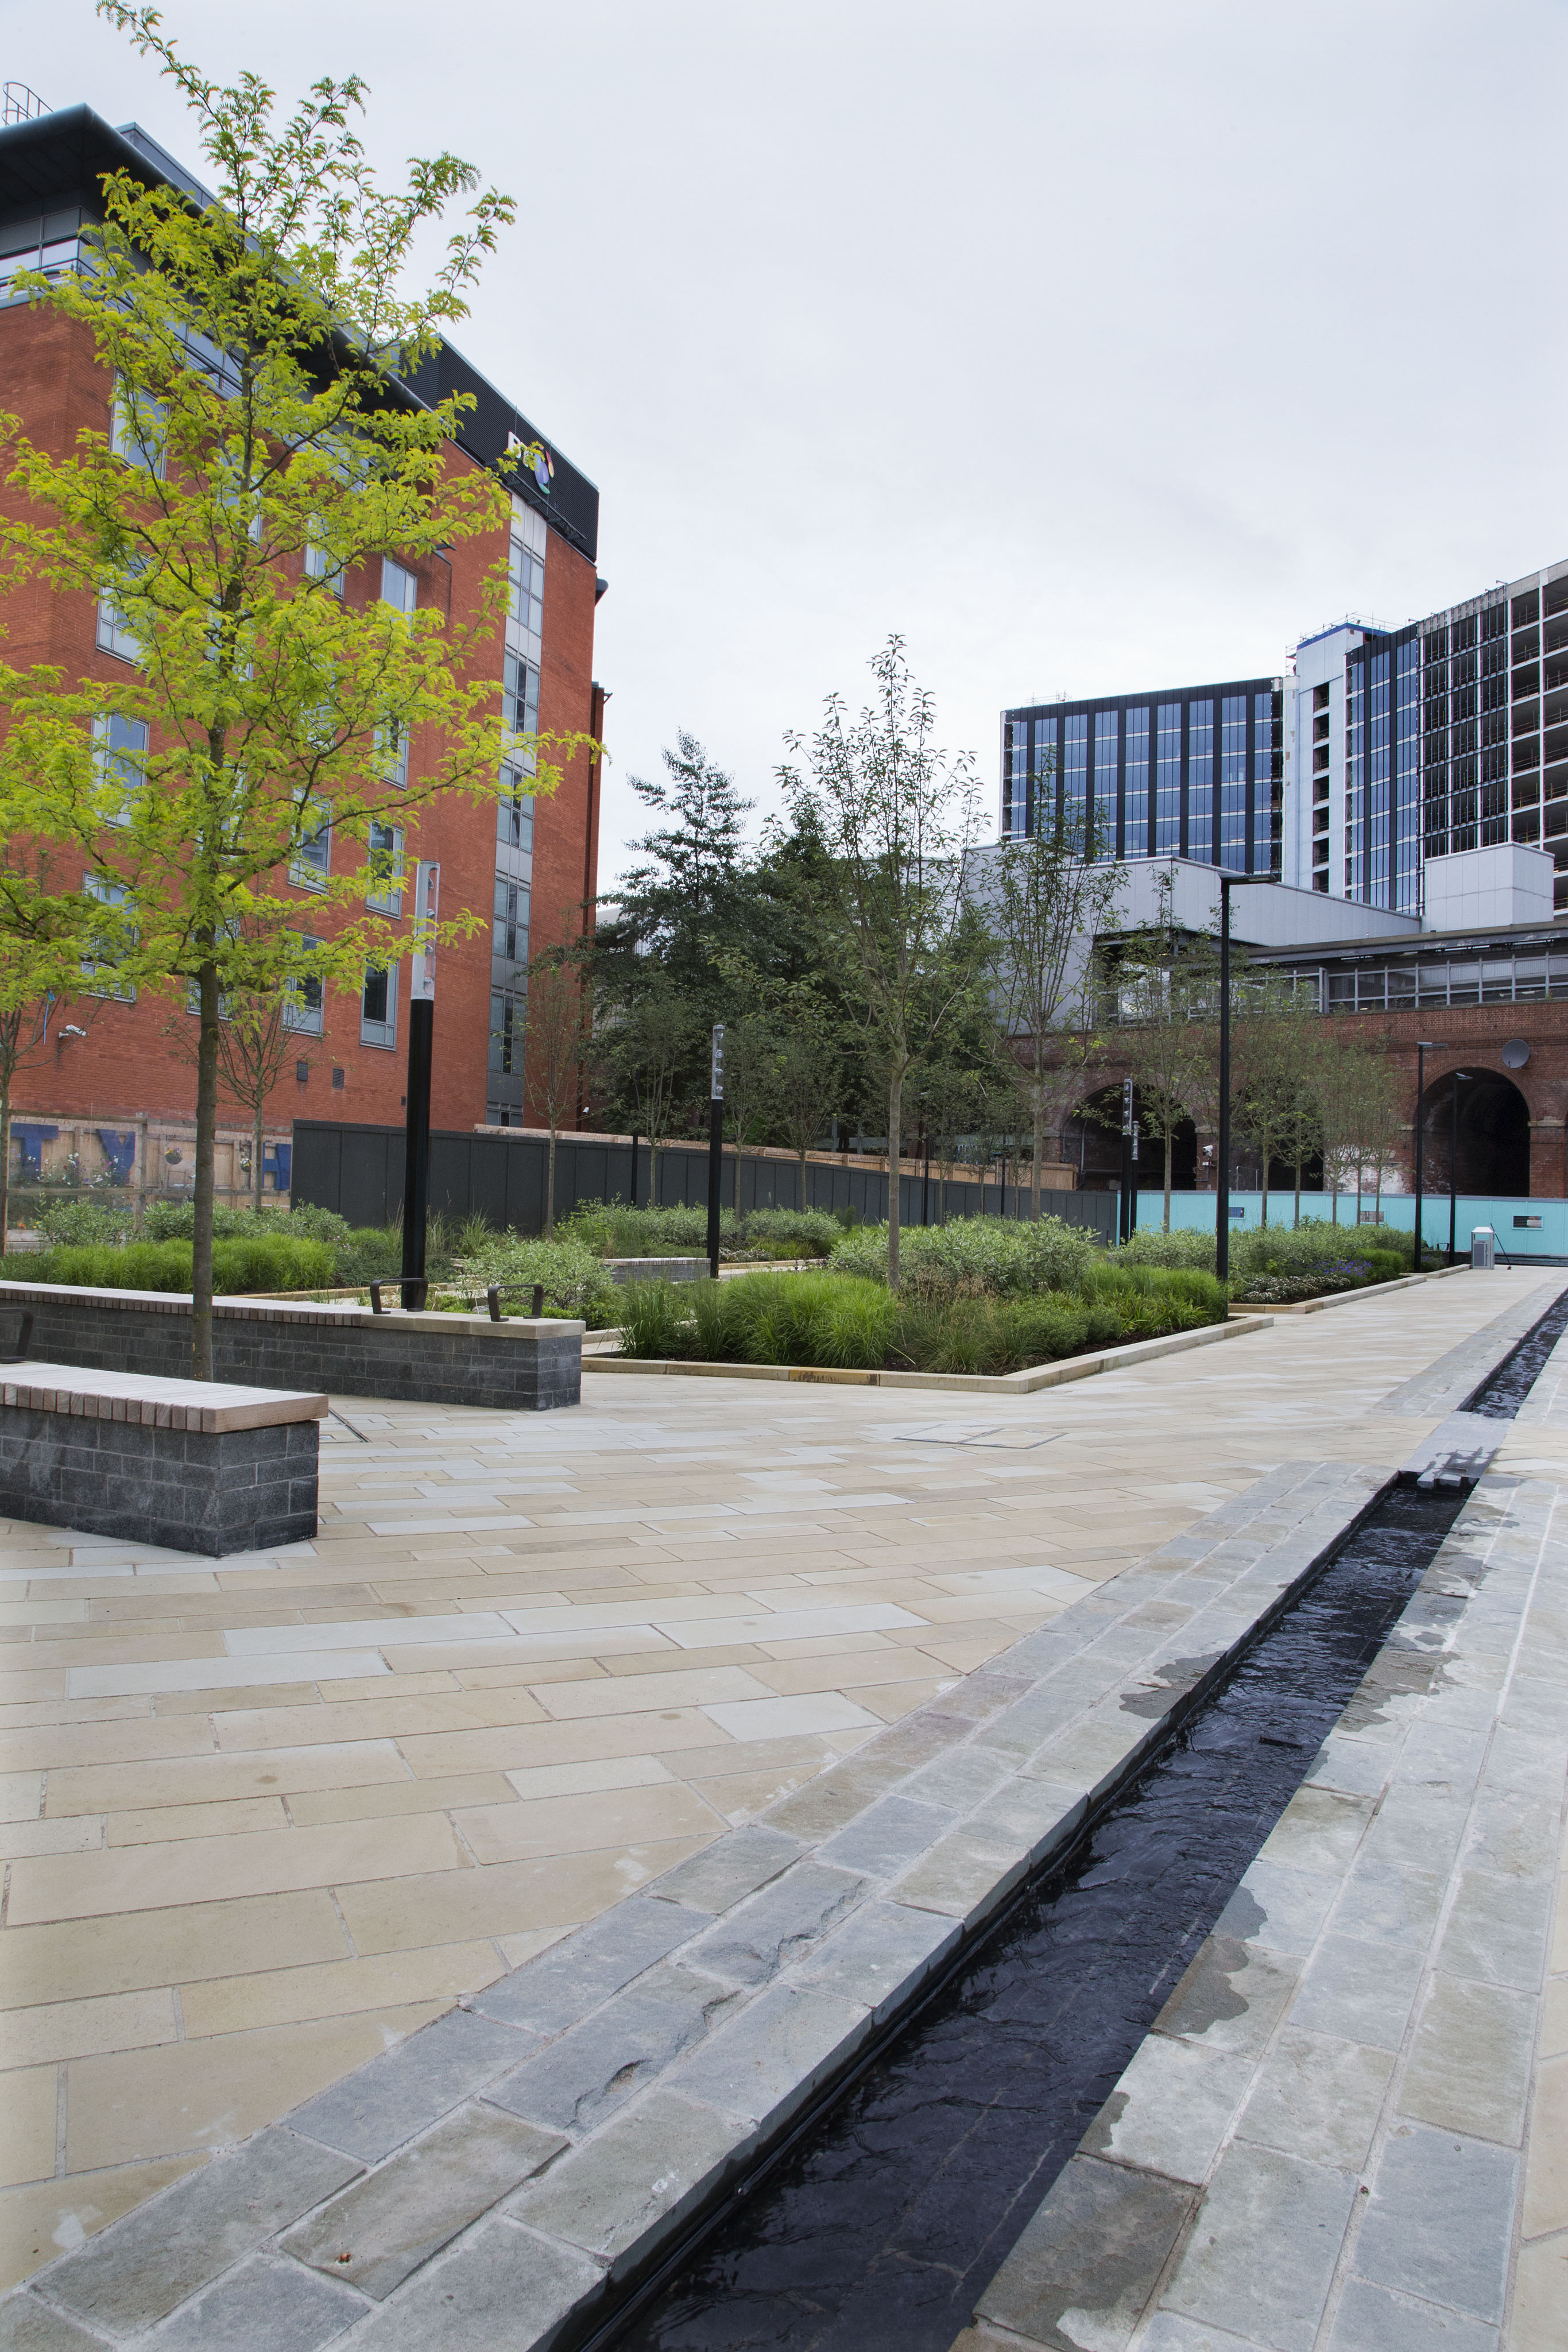 Eurovia Construction - Sovereign Square Leeds